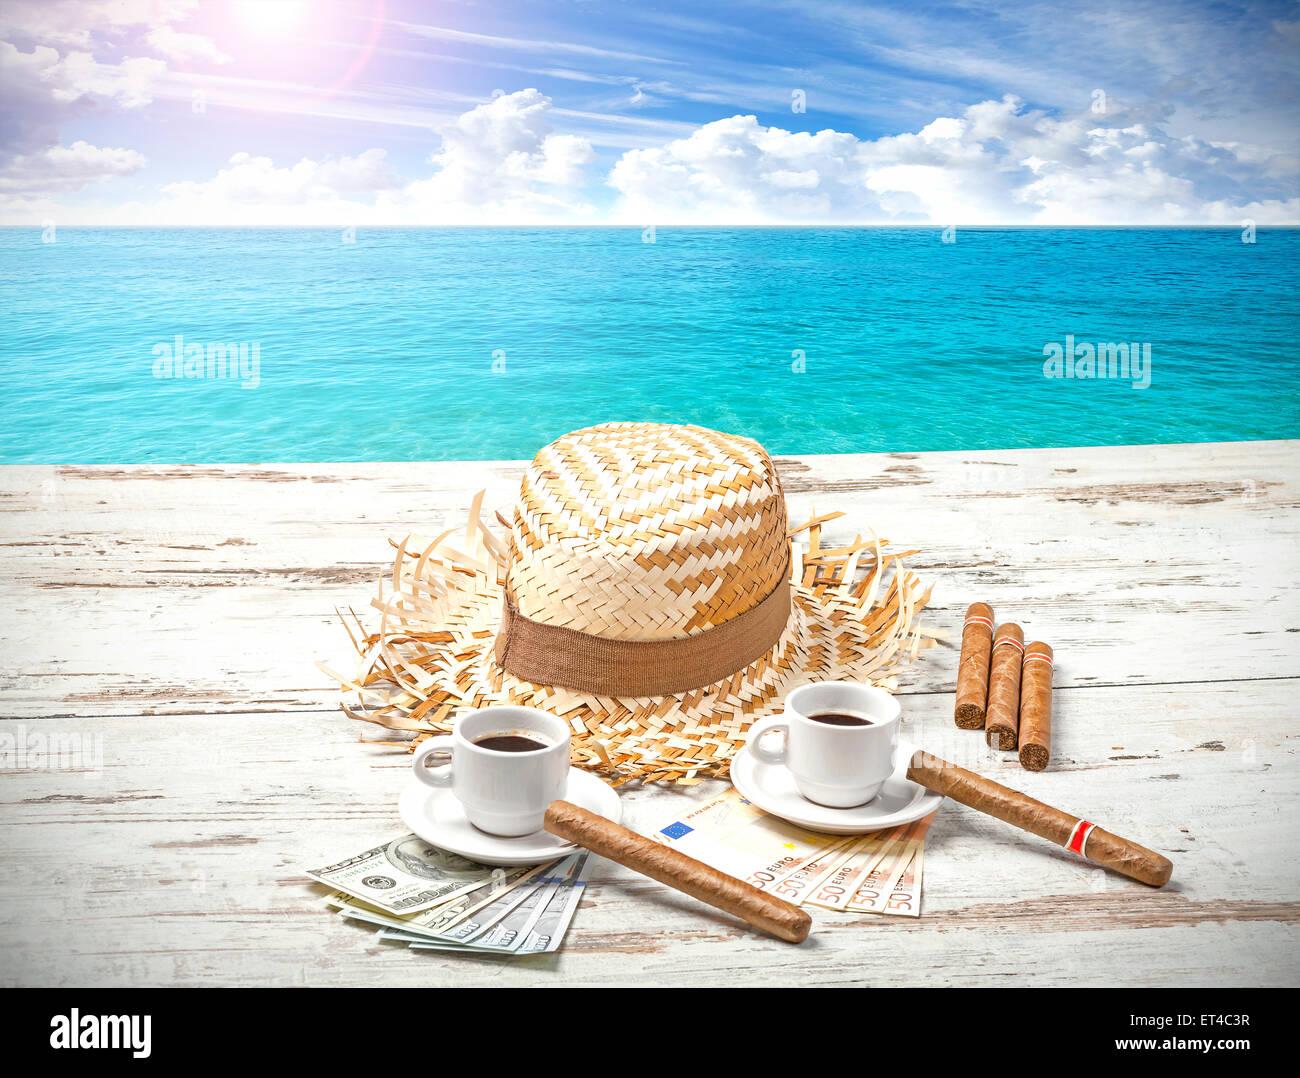 Du café, des cigares, de l'argent et un chapeau sur la plage en bois table. Concept d'aventure estivale. Photo Stock